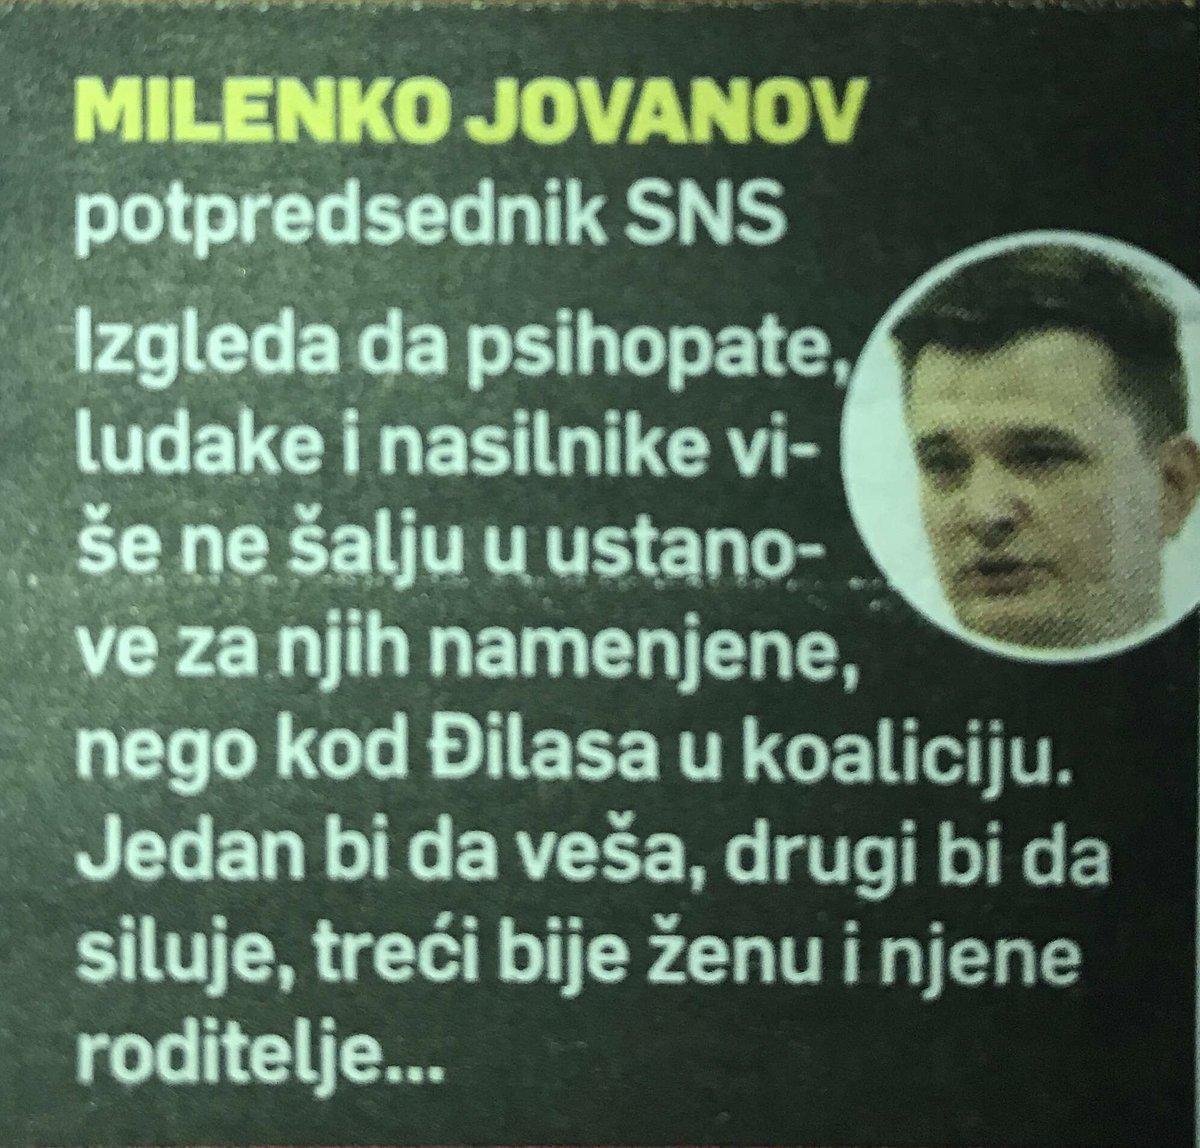 Изјава за @Srpski_Telegraf